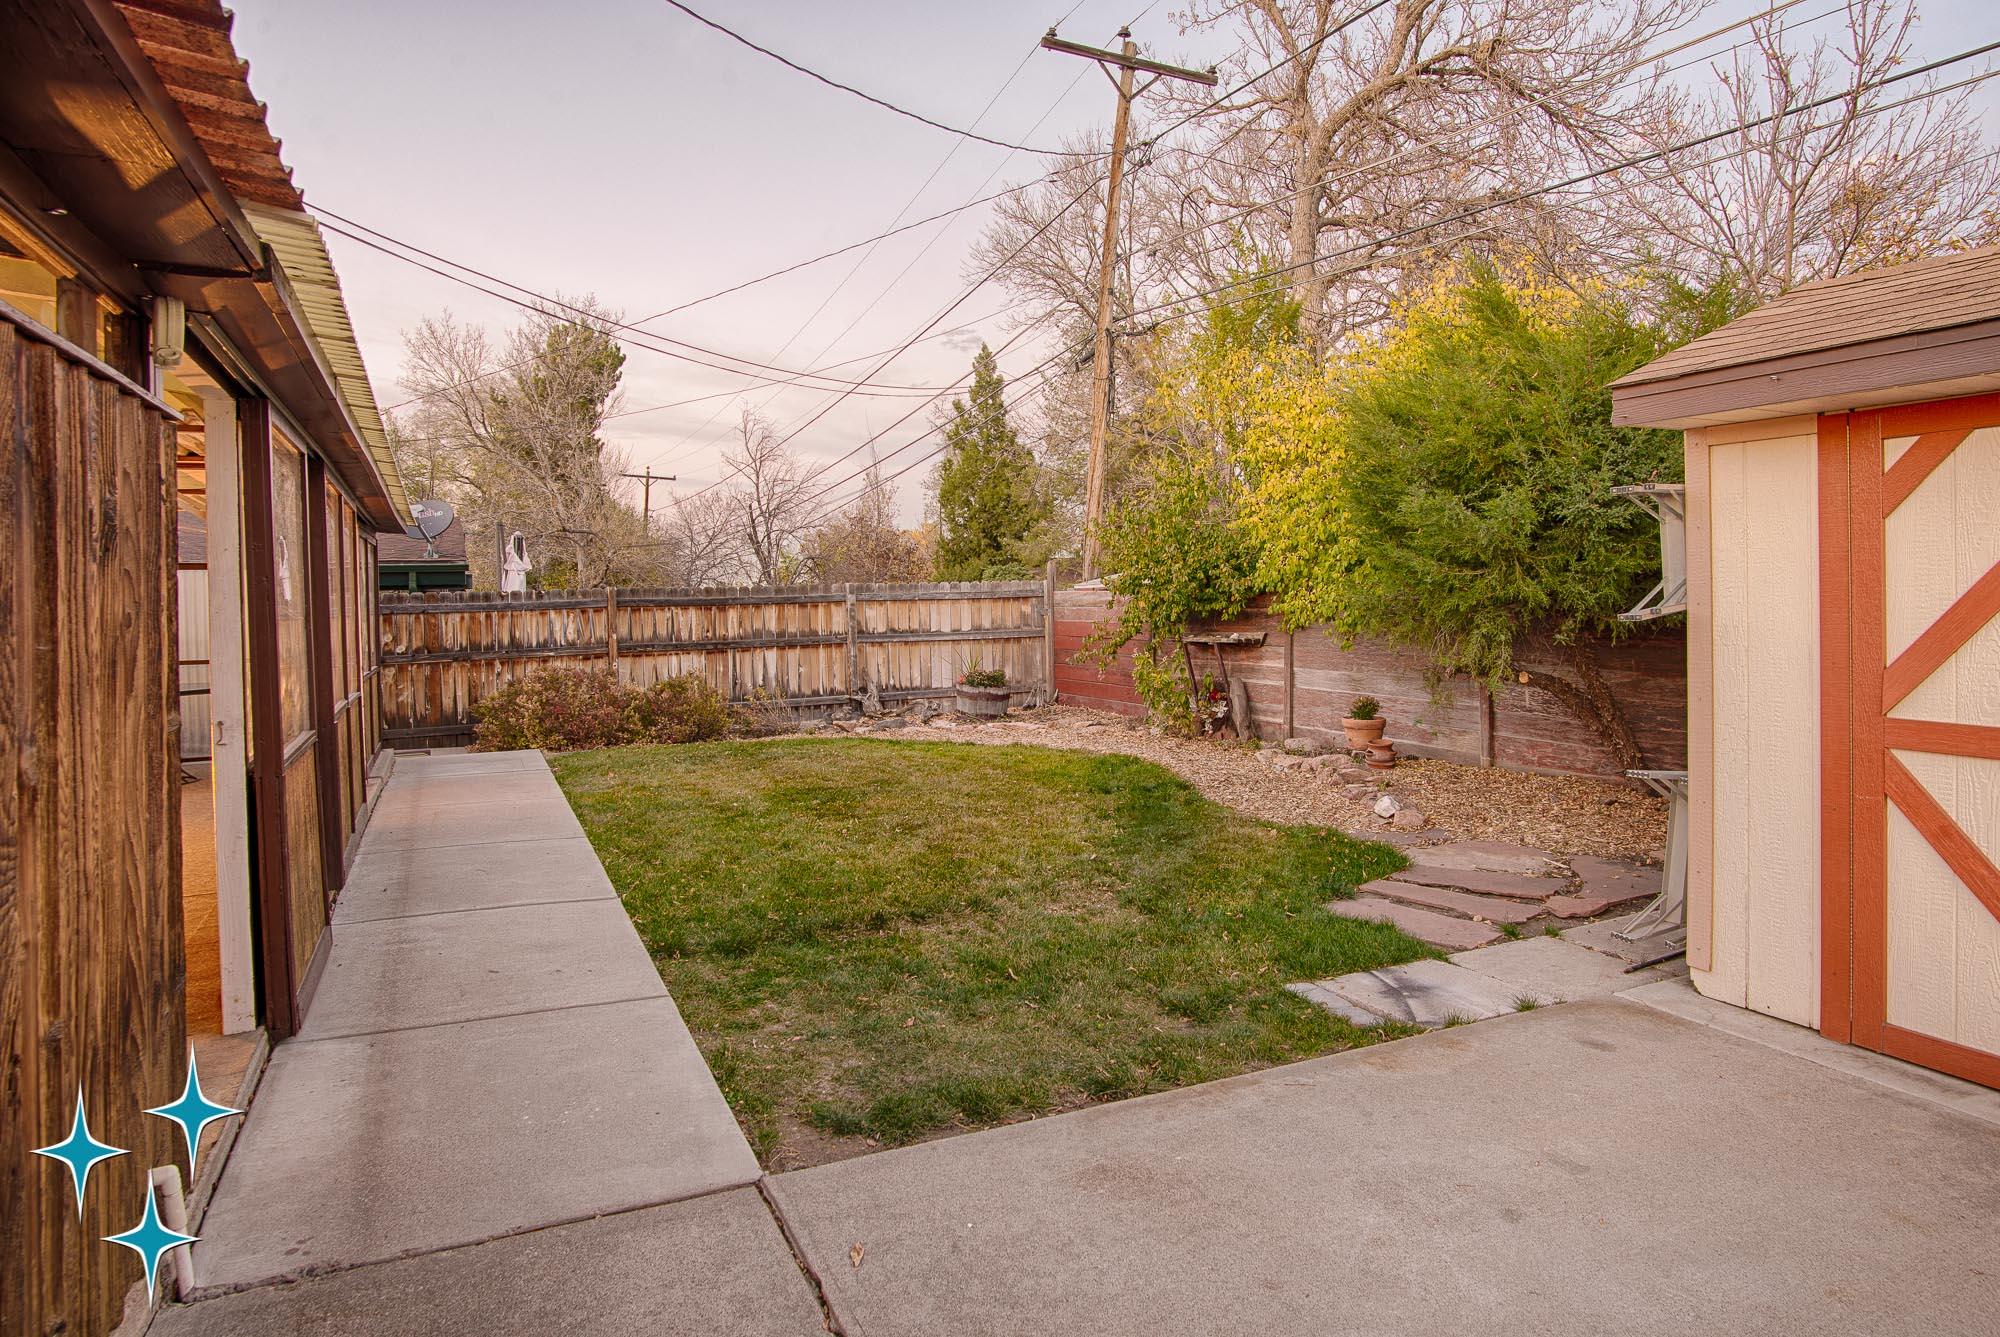 Adrian-Kinney-4155-W-Iliff-Avenue-Denver-r-Carey-Holiday-Home-2000w50-3SWM-38.jpg